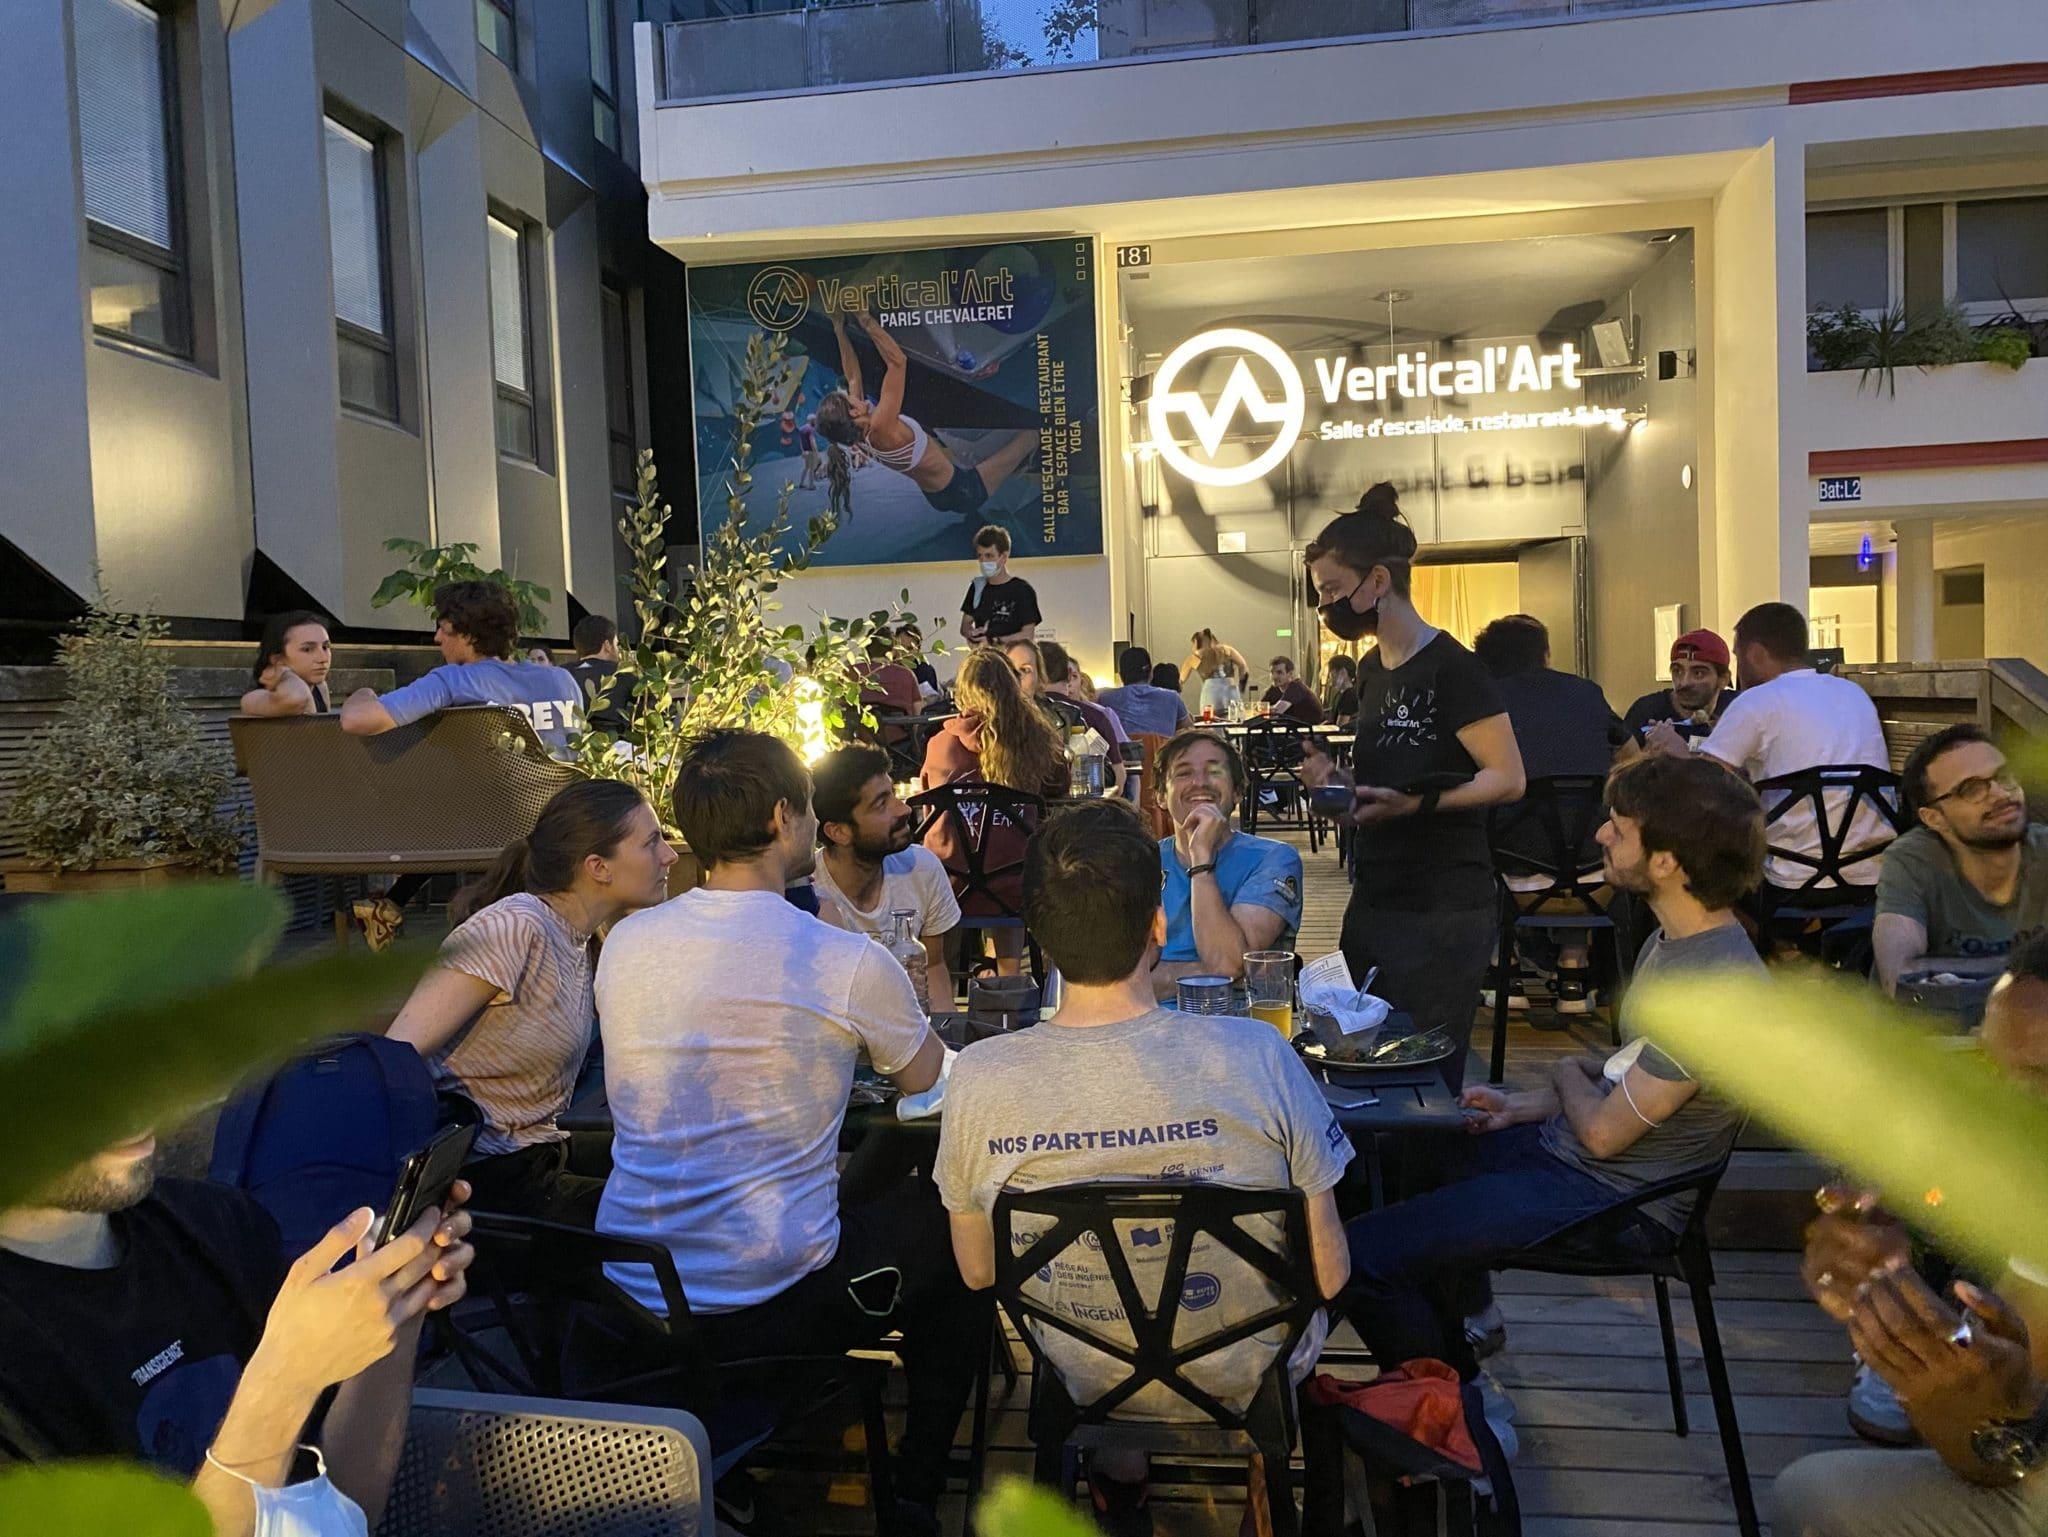 Terrasse restaurant bar Vertical'Art Paris Chevaleret - Salle d'escalade, ambiance néo-urbaine